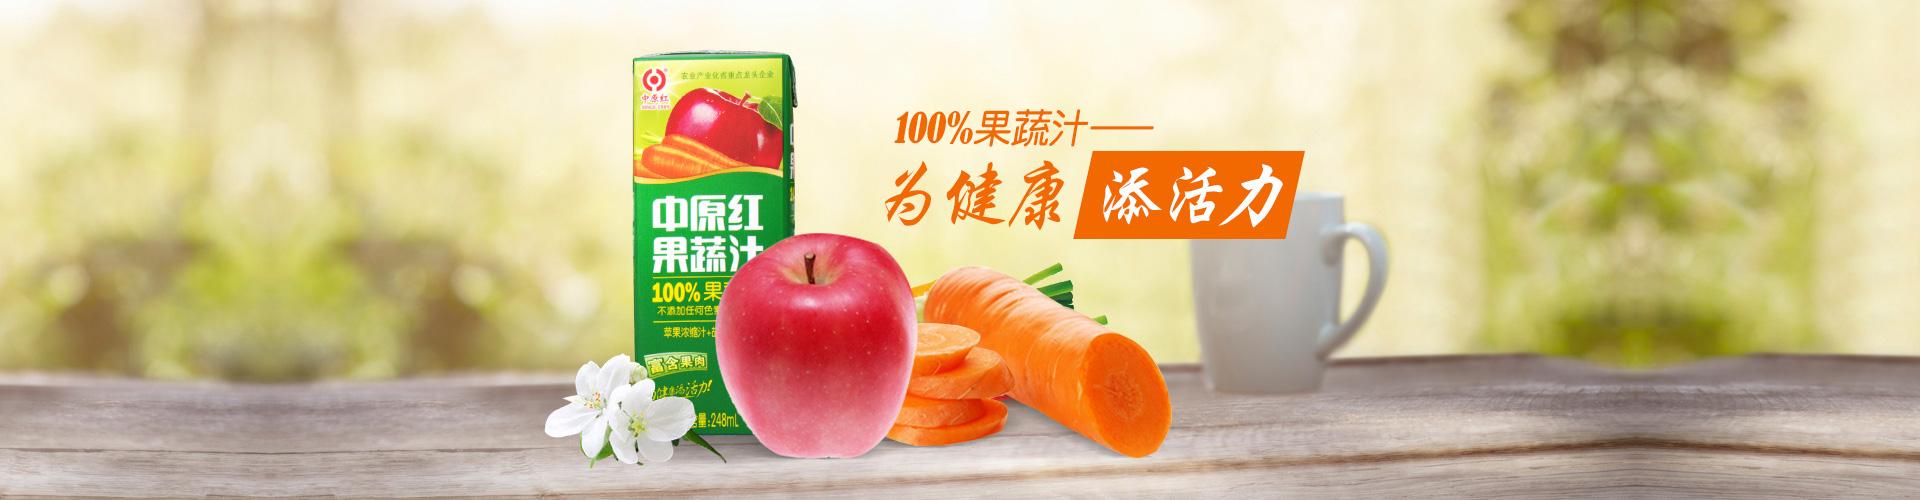 河南省中原红饮料有限公司